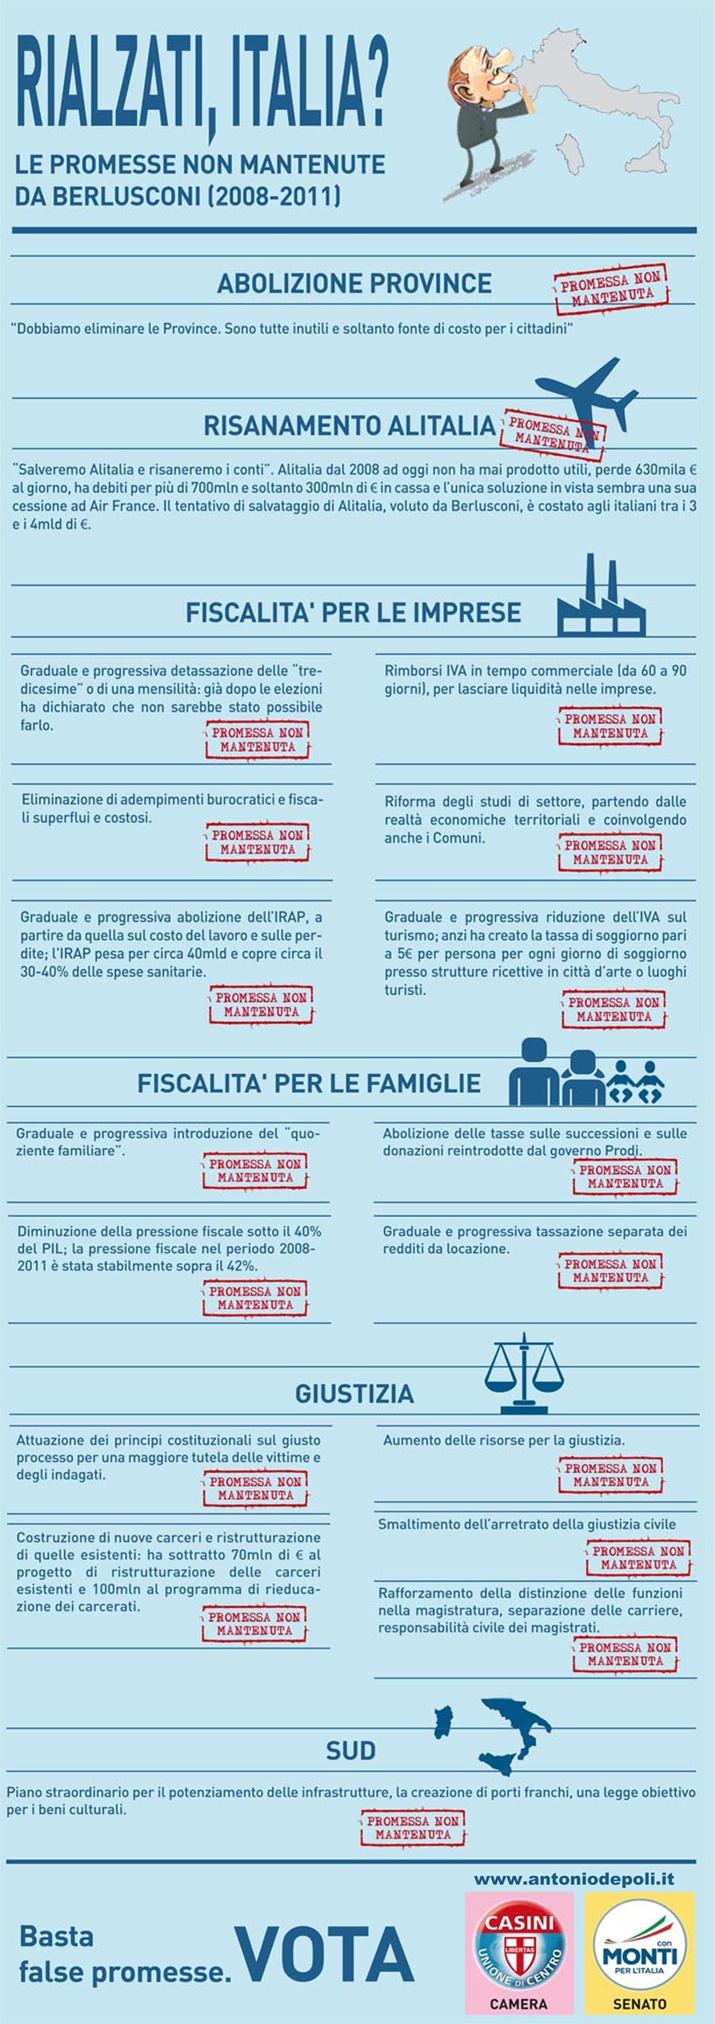 Infografica - Rialzati, Italia?  Le promesse non mantenute da Berlusconi (2008-2011)